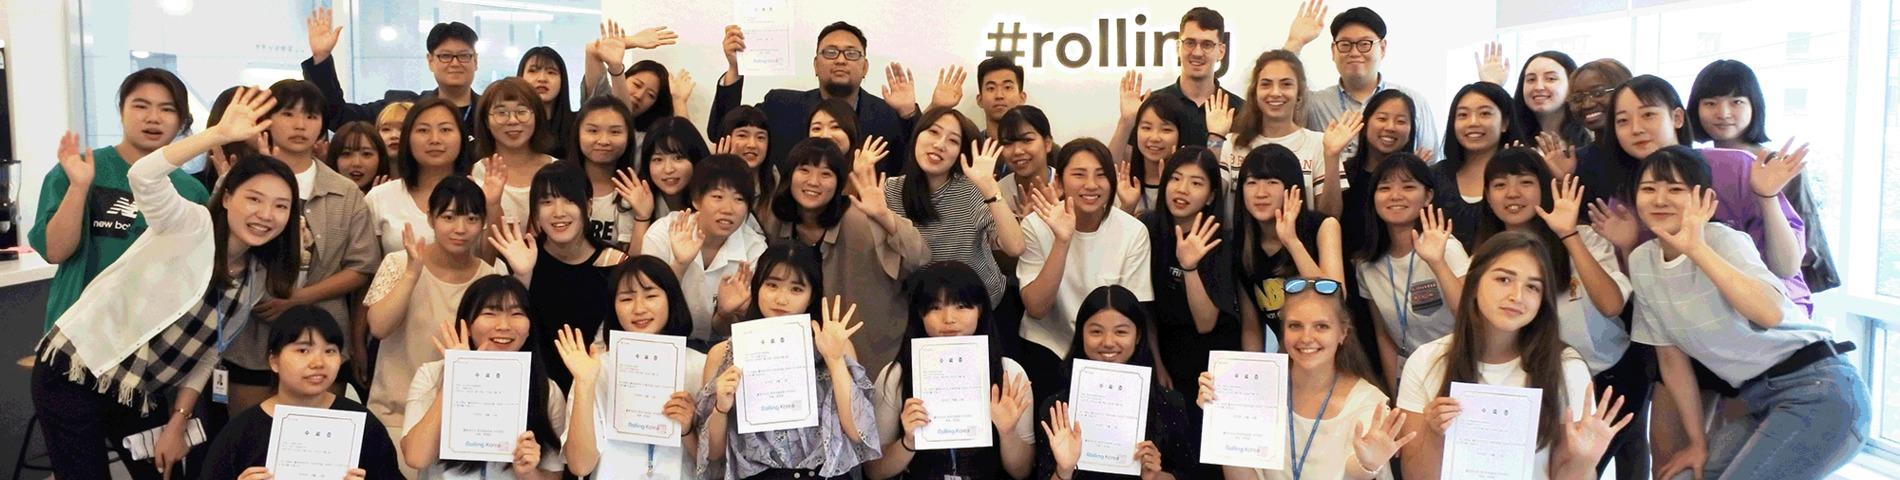 Rolling Korea foto 1